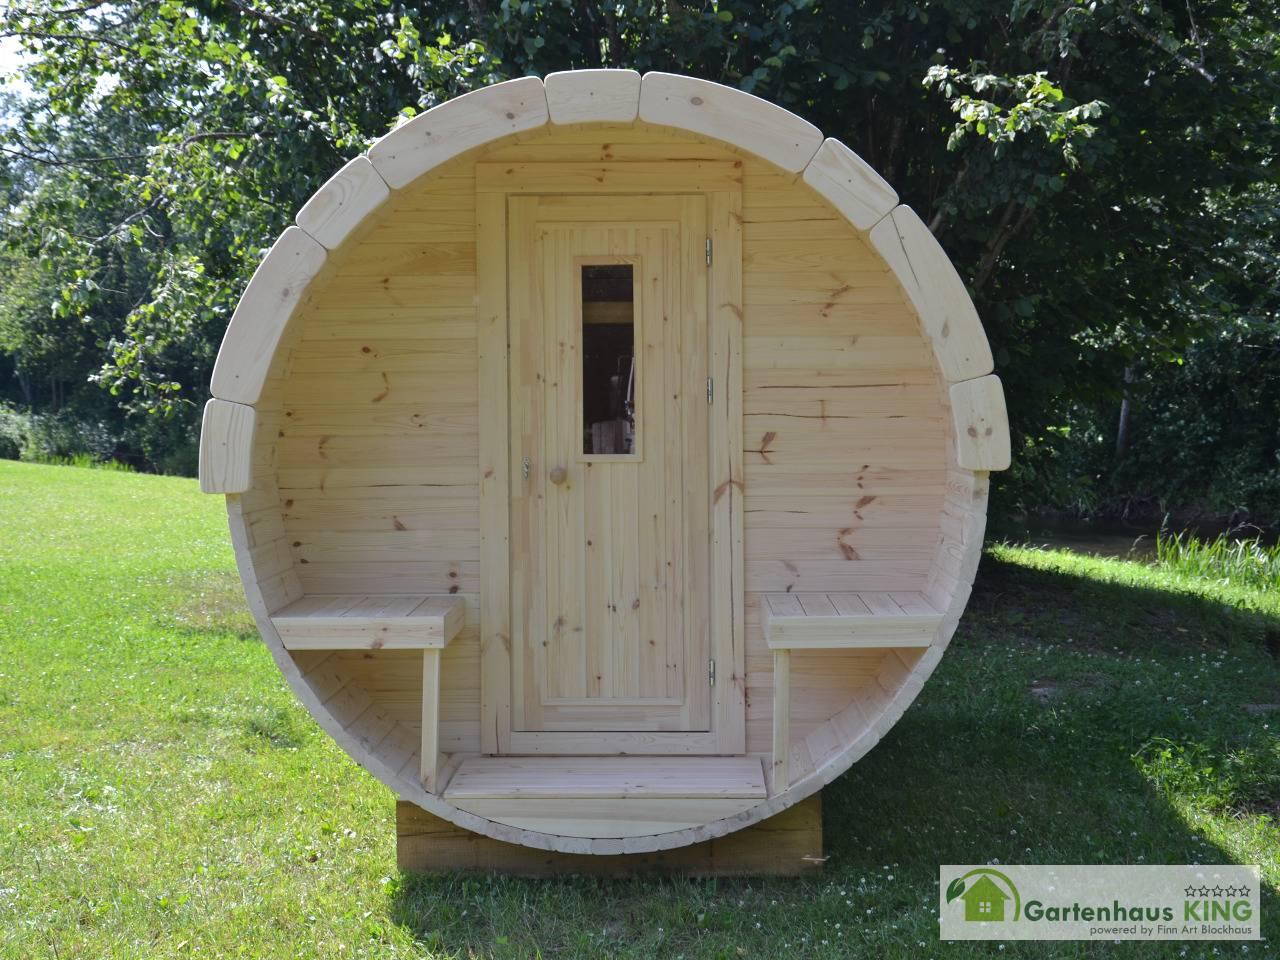 Finn Art Fass Sauna Premium 300 197 Thermoholz Gartenhaus King De